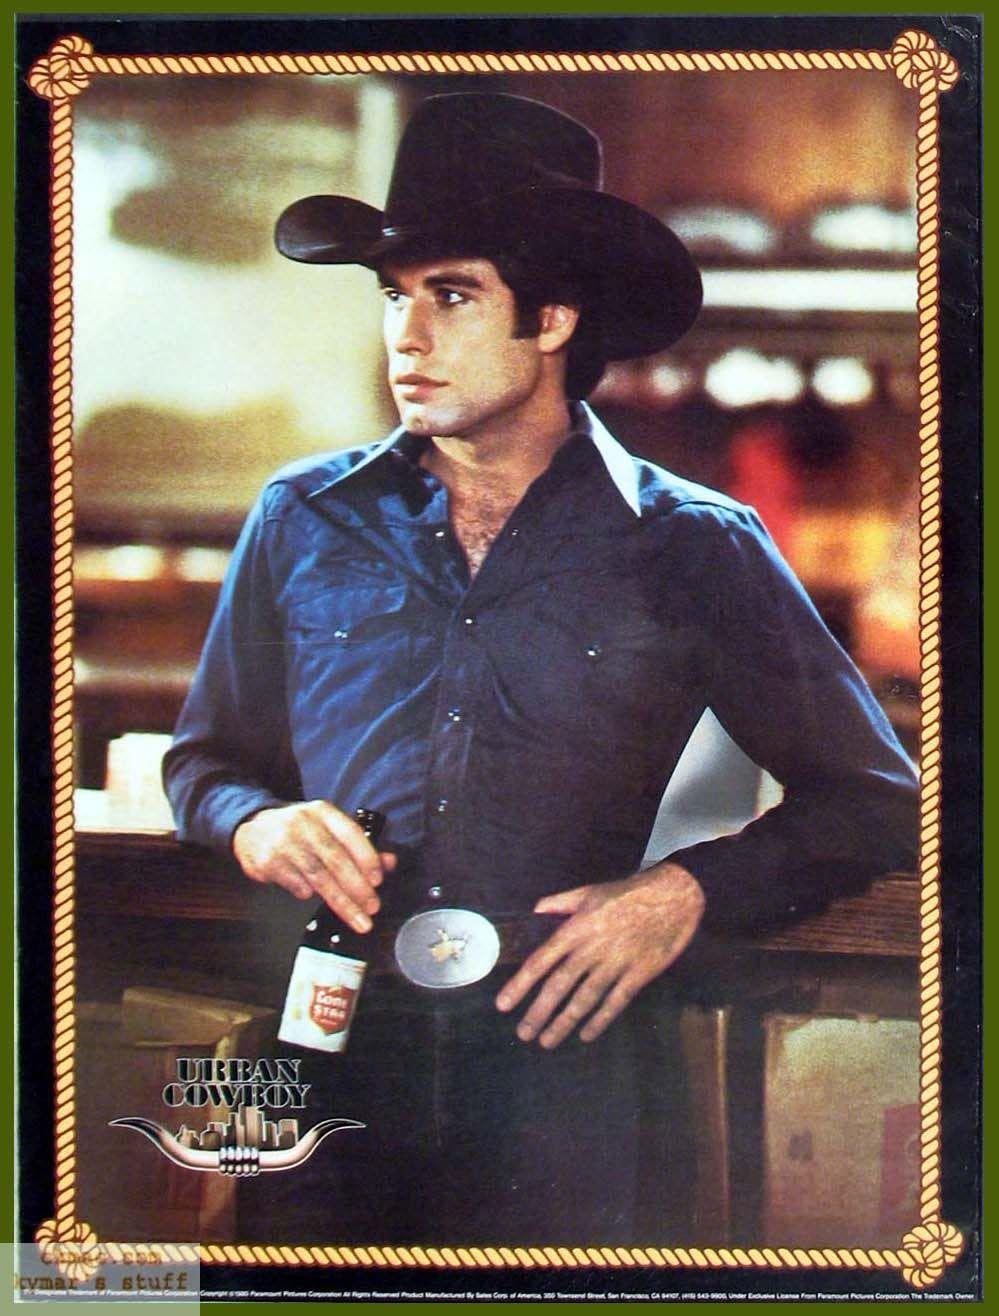 Bud Davis Urban cowboy movie, Urban cowboy, An officer